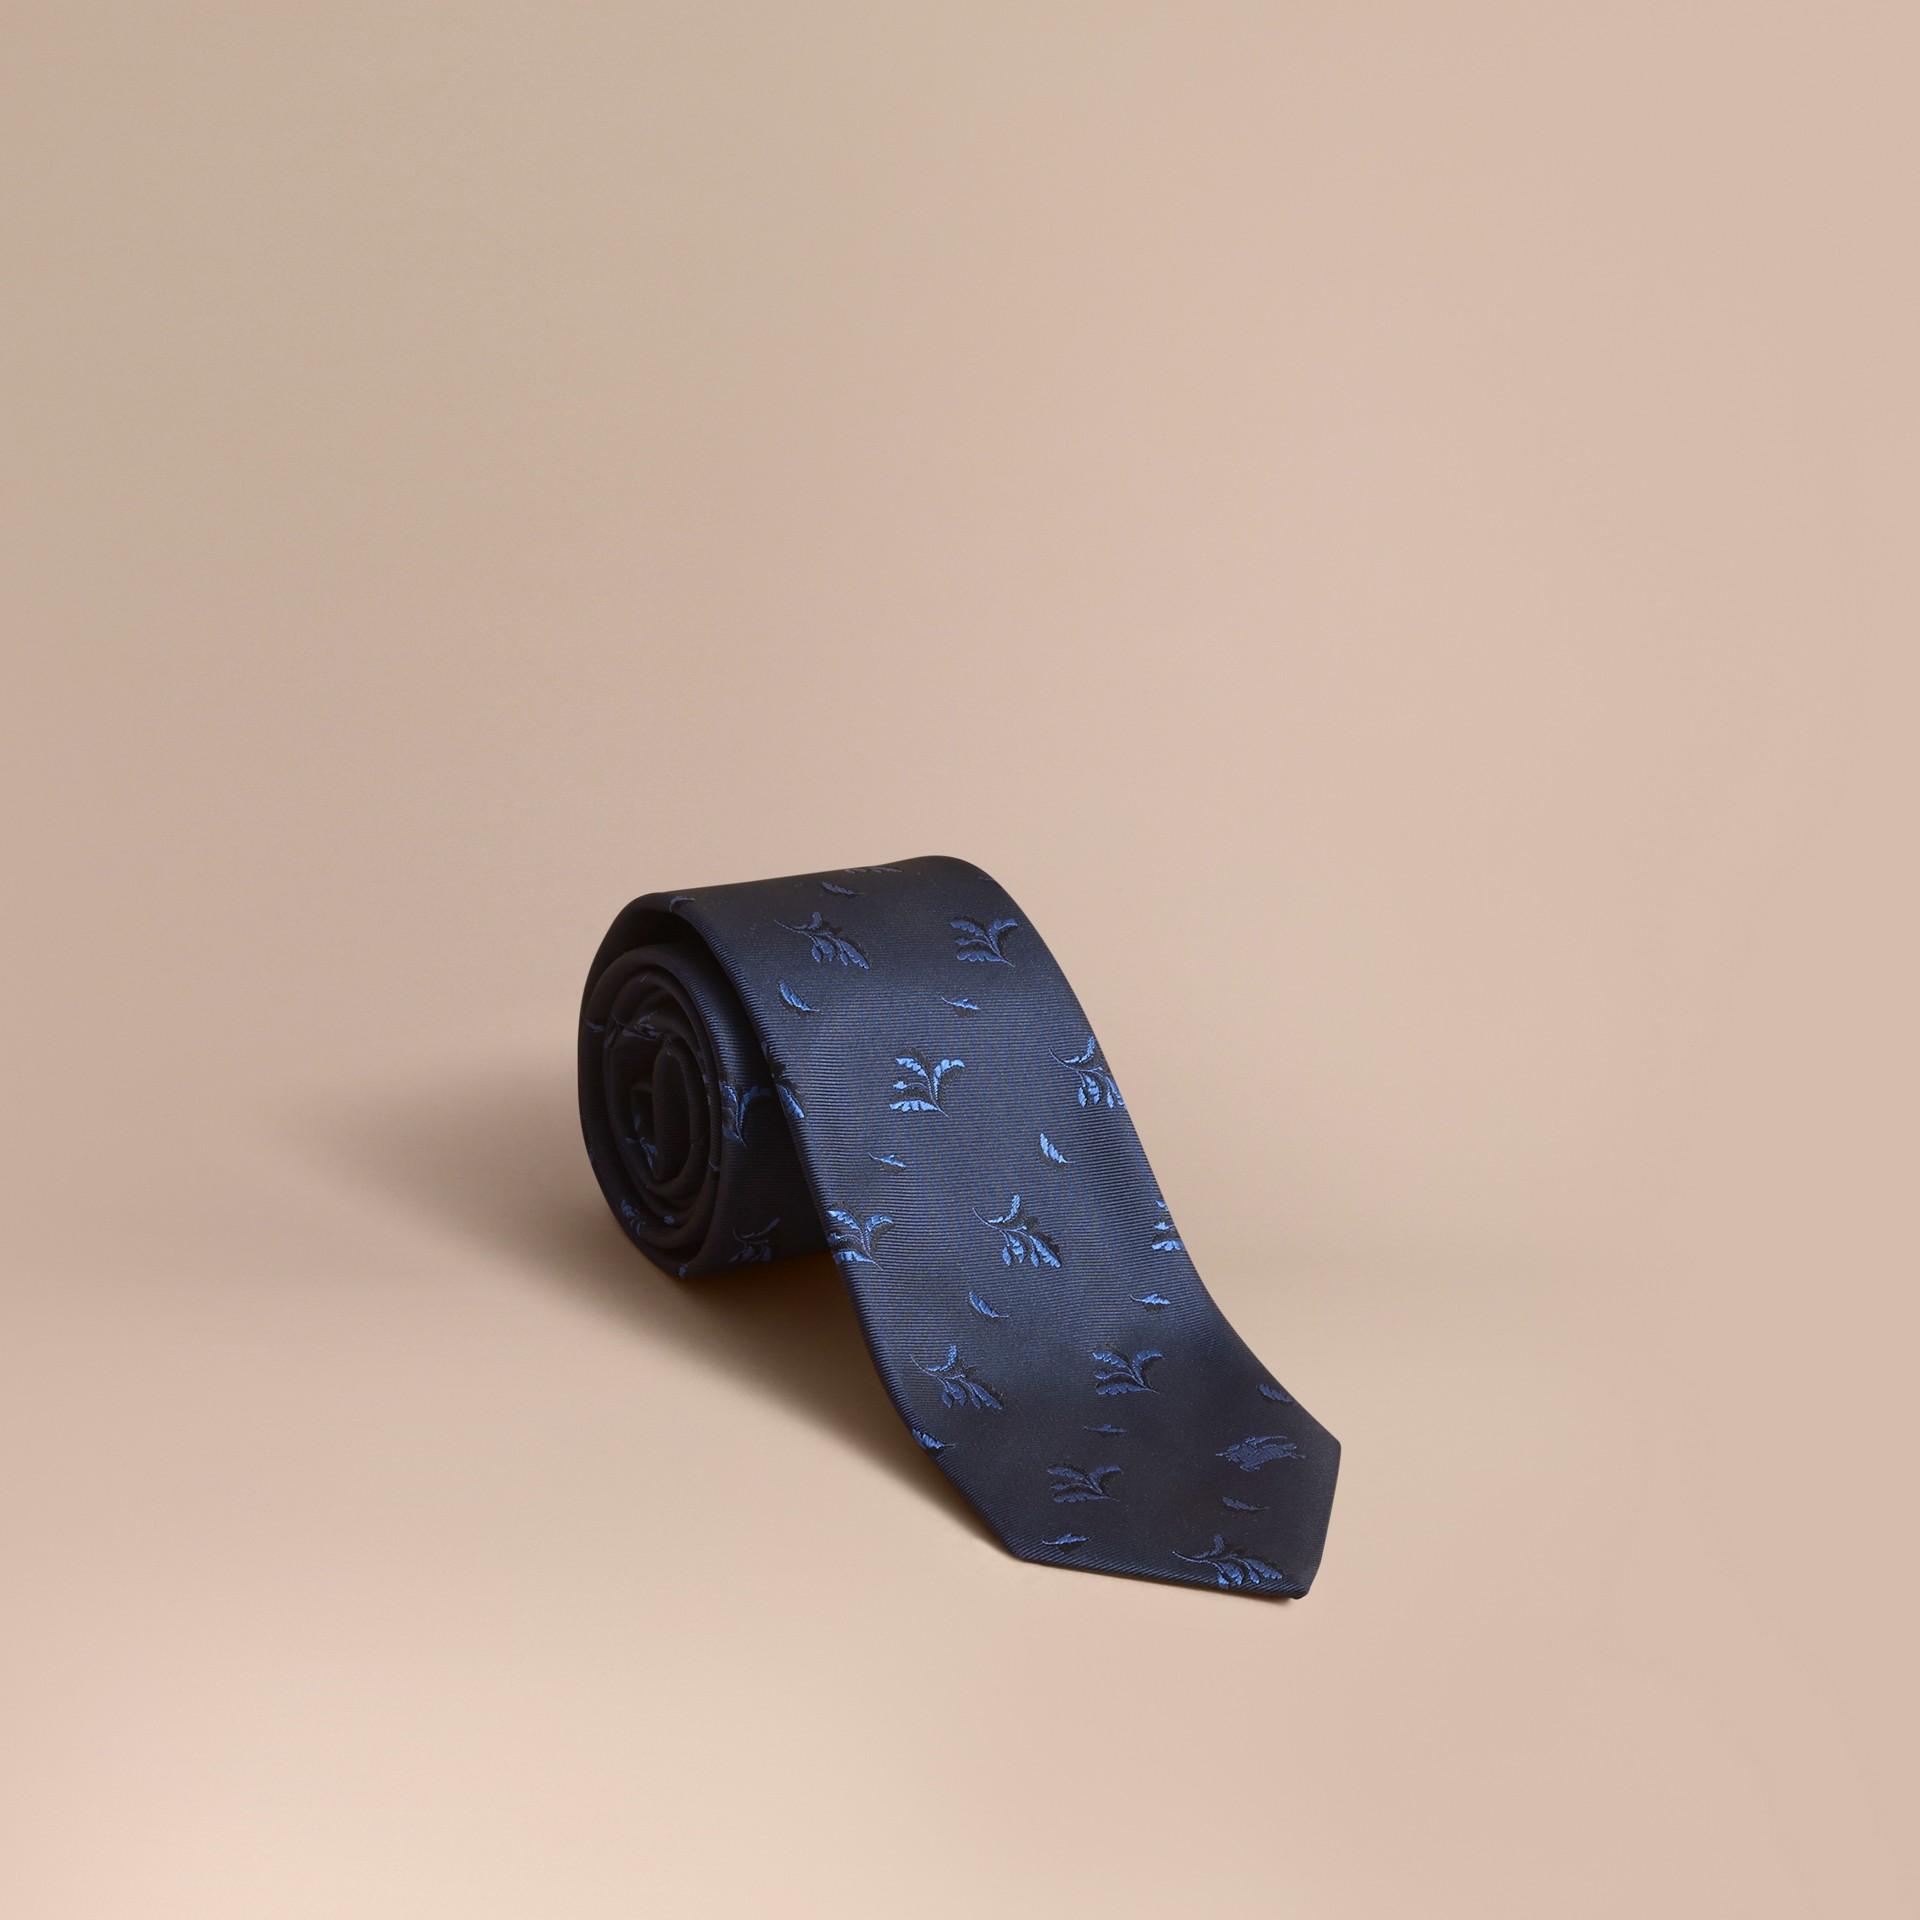 Cravatta dal taglio moderno in seta jacquard con motivo a foglia Blu Ortensia - immagine della galleria 1